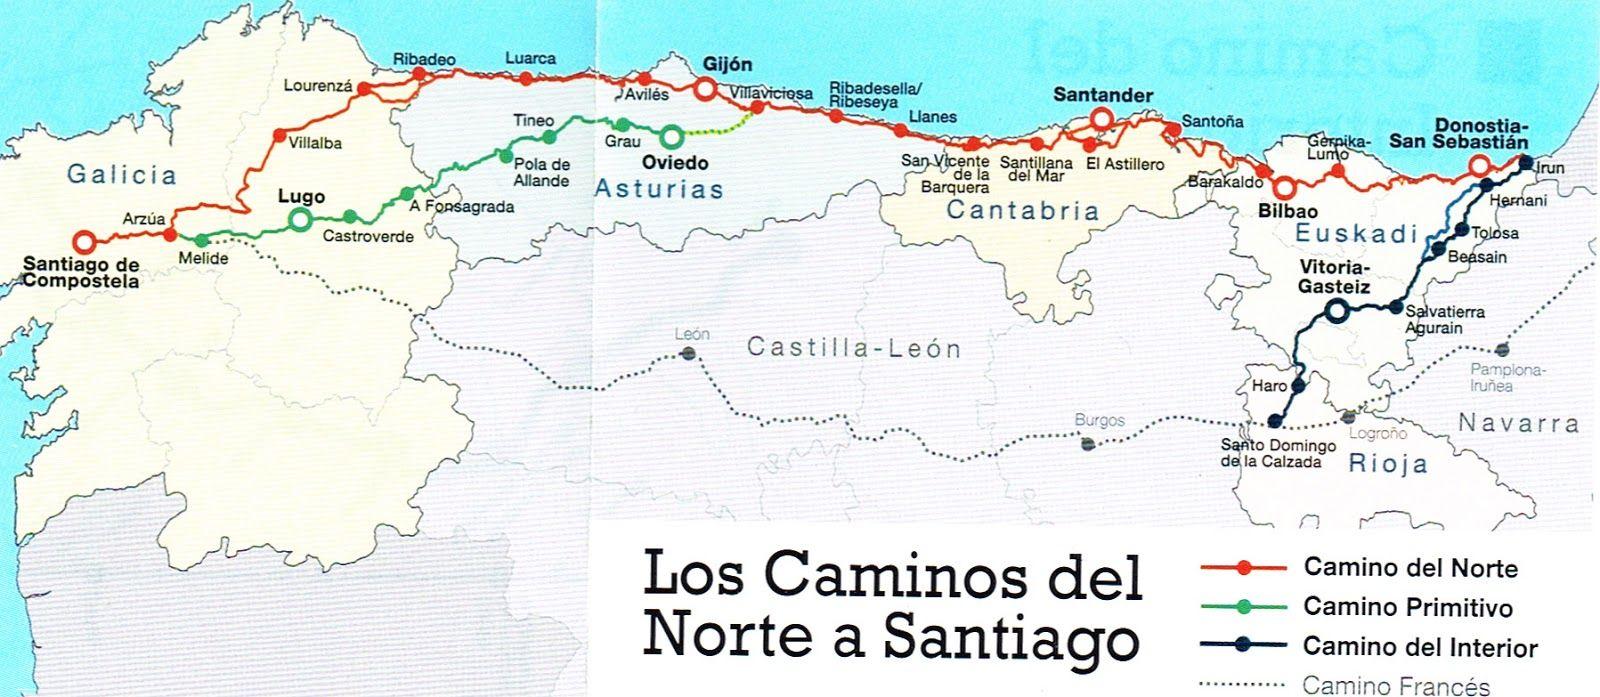 Camino De Santiago Mapa Etapas.Camino Primitivo Etapas Buscar Con Google Camino De